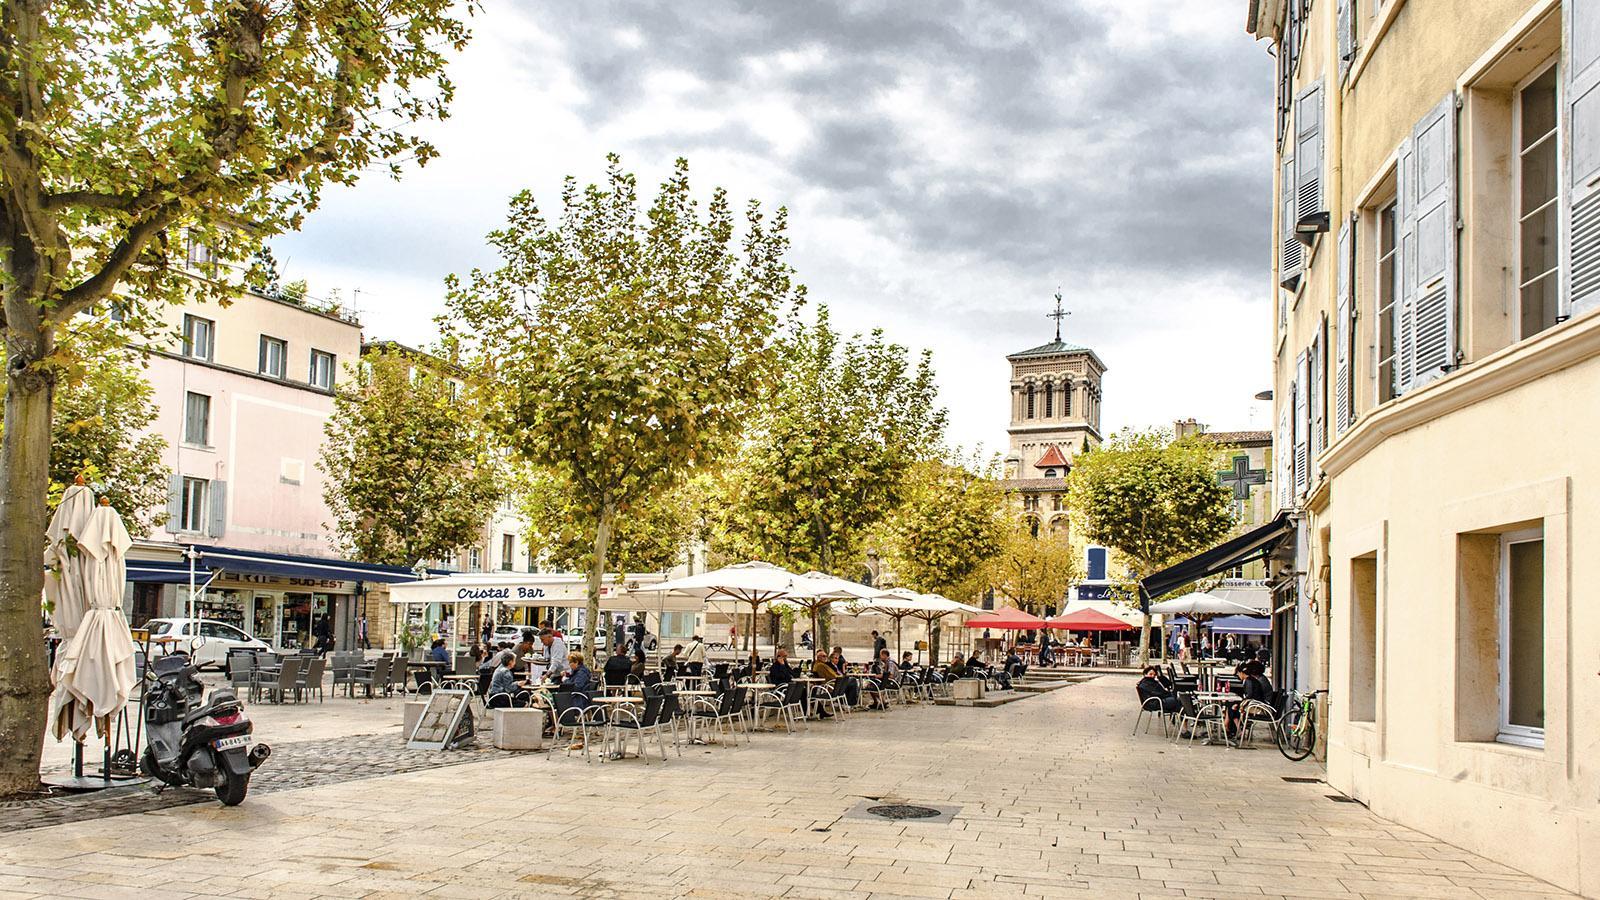 Valence: Cathédrale Saint-Apollinaire und Place des Ormeaux. Foto: Hilke Maunder